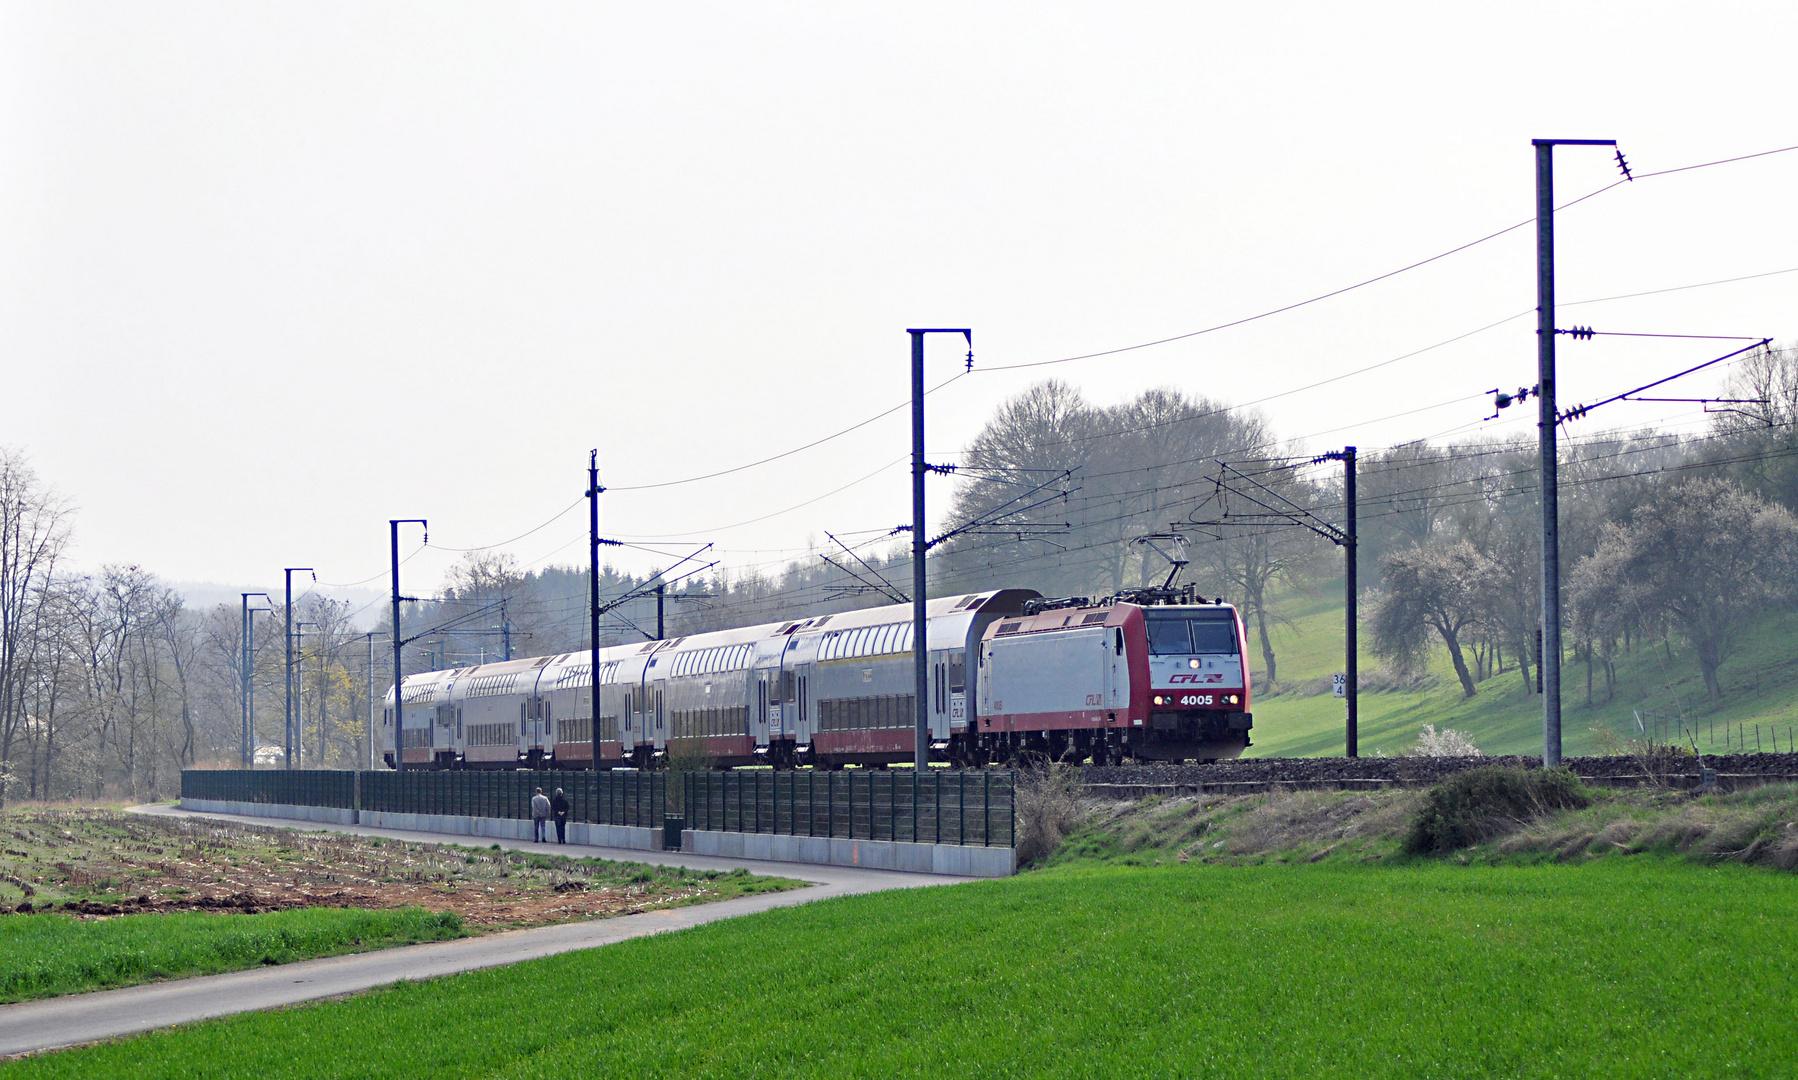 CFL 4005 mit IR nach Gouvy in Pettingen/Mersch